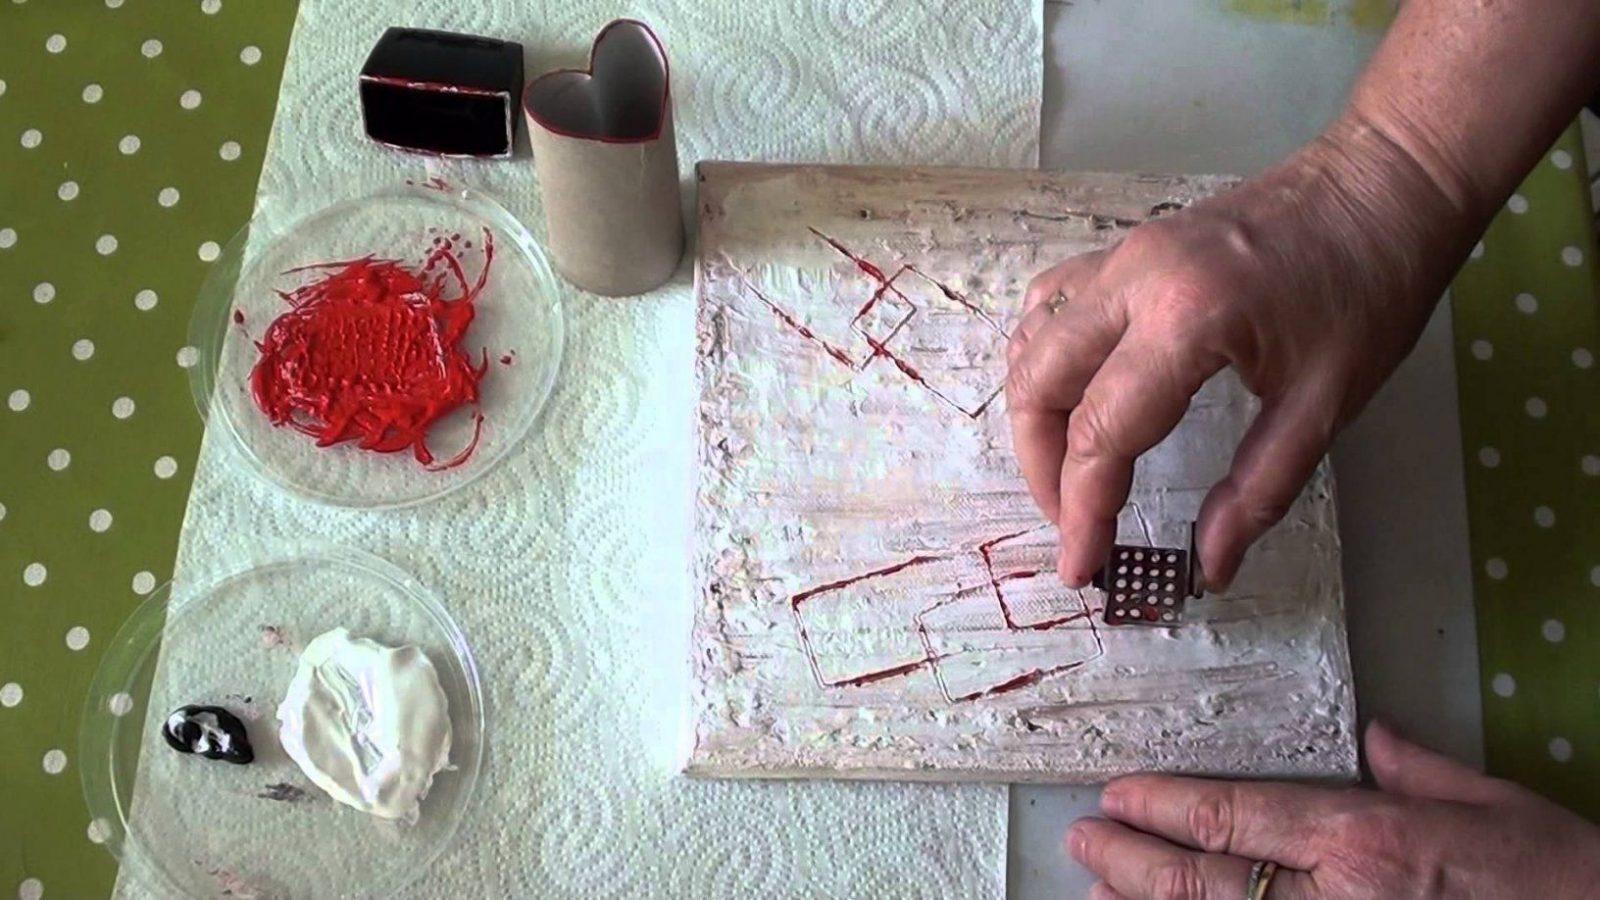 Diy Anleitung Acryl Abstrakt  Kreativ Ohne Pinsel Deko  Youtube von Acrylbilder Für Anfänger Anleitung Bild